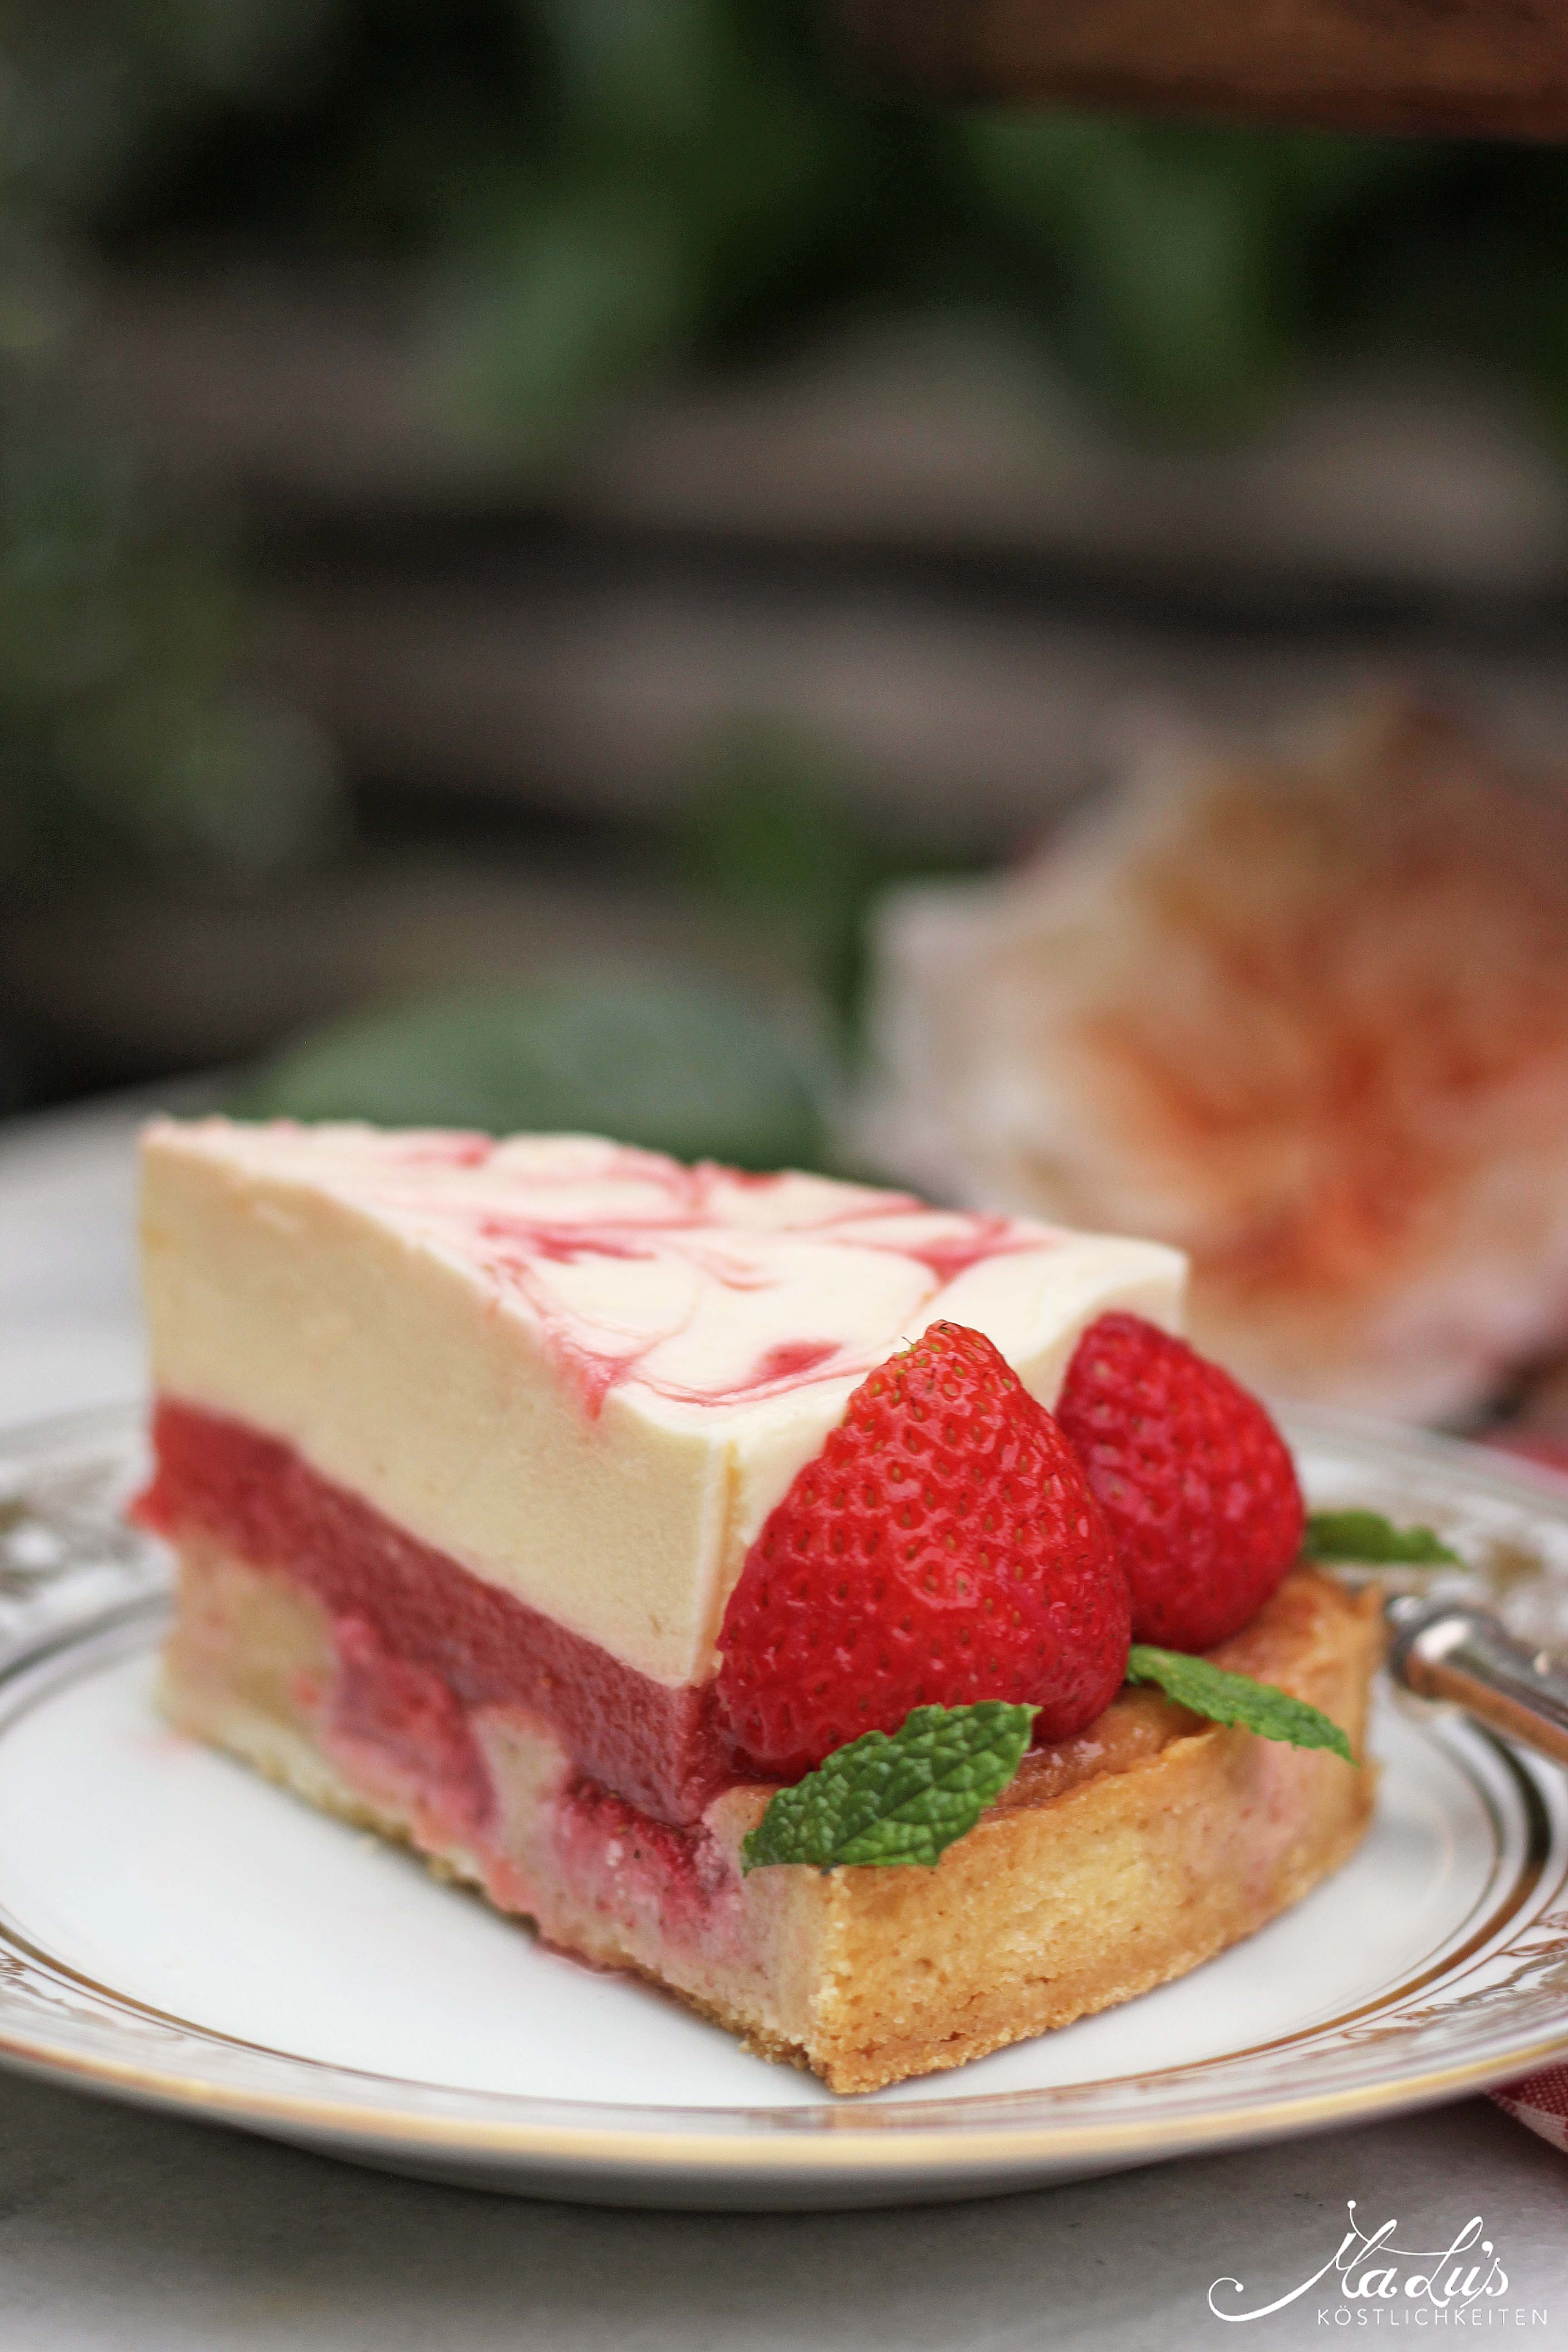 Erdbeer-Pfirsich Torte mit saftigem Mandelboden